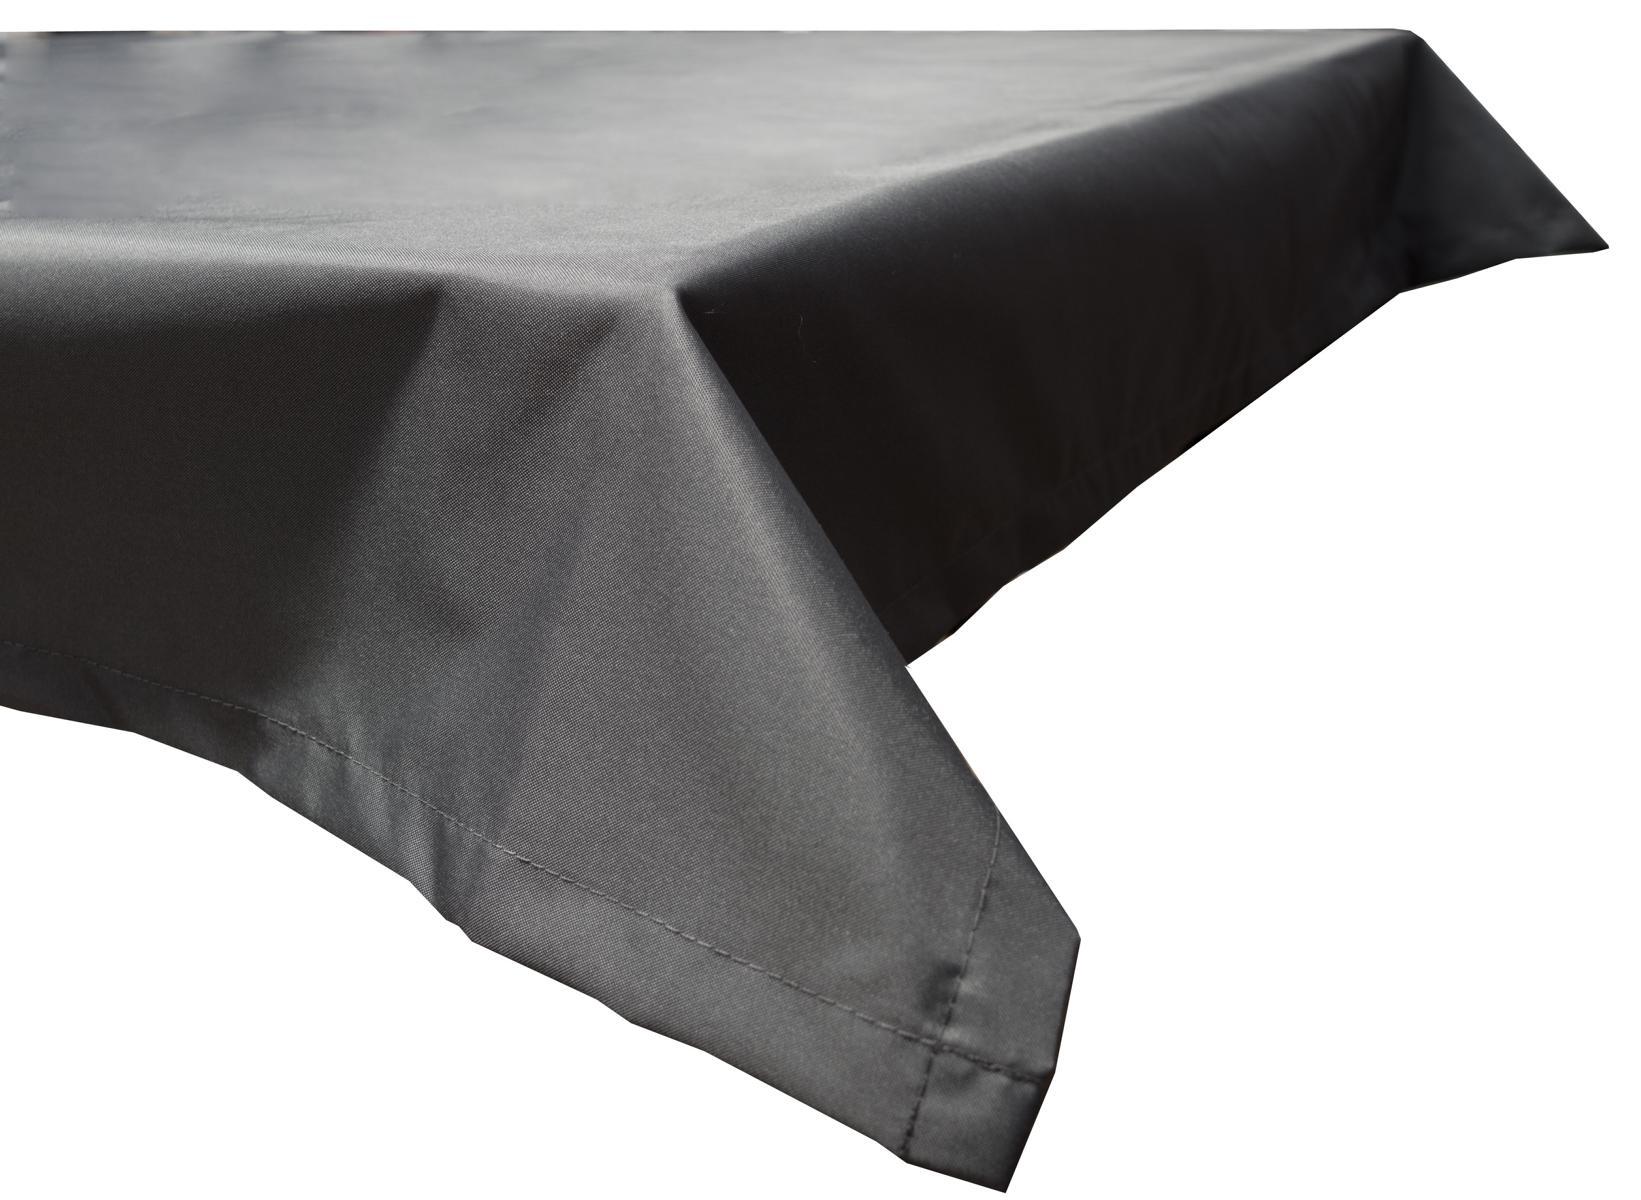 130x230 cm wasserabweisende Tischdecke 100% Polyester in anthrazit